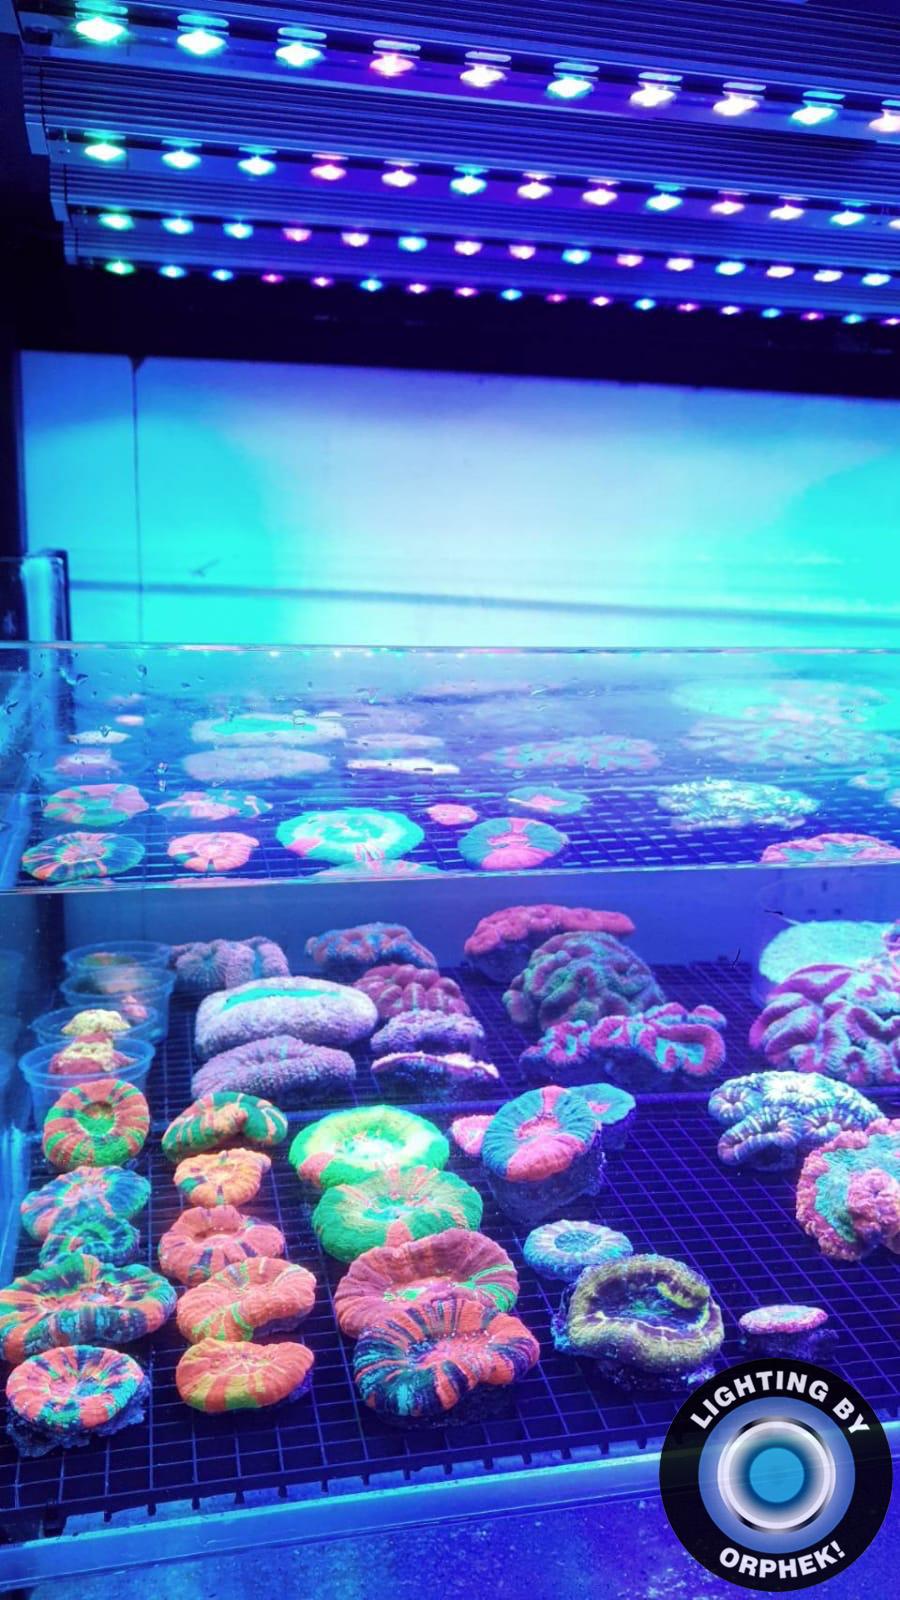 bande LED pop corail la plus rapide 2020